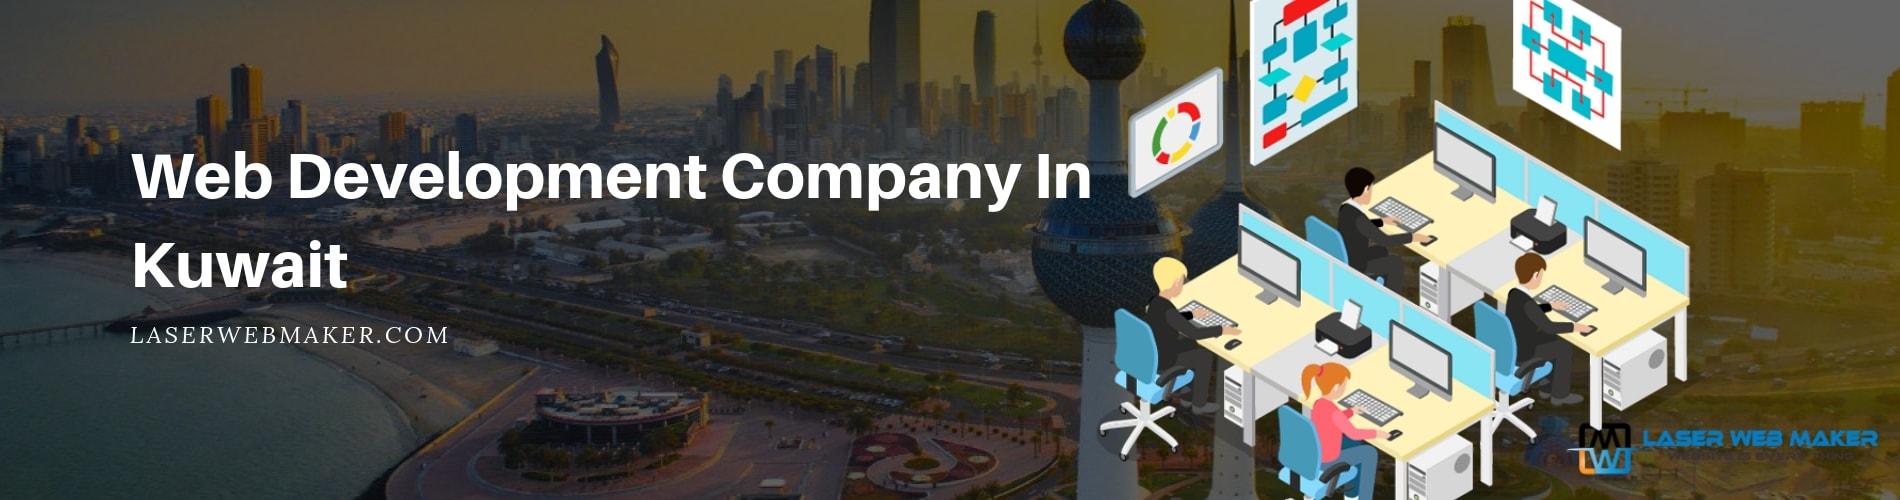 web development company in kuwait